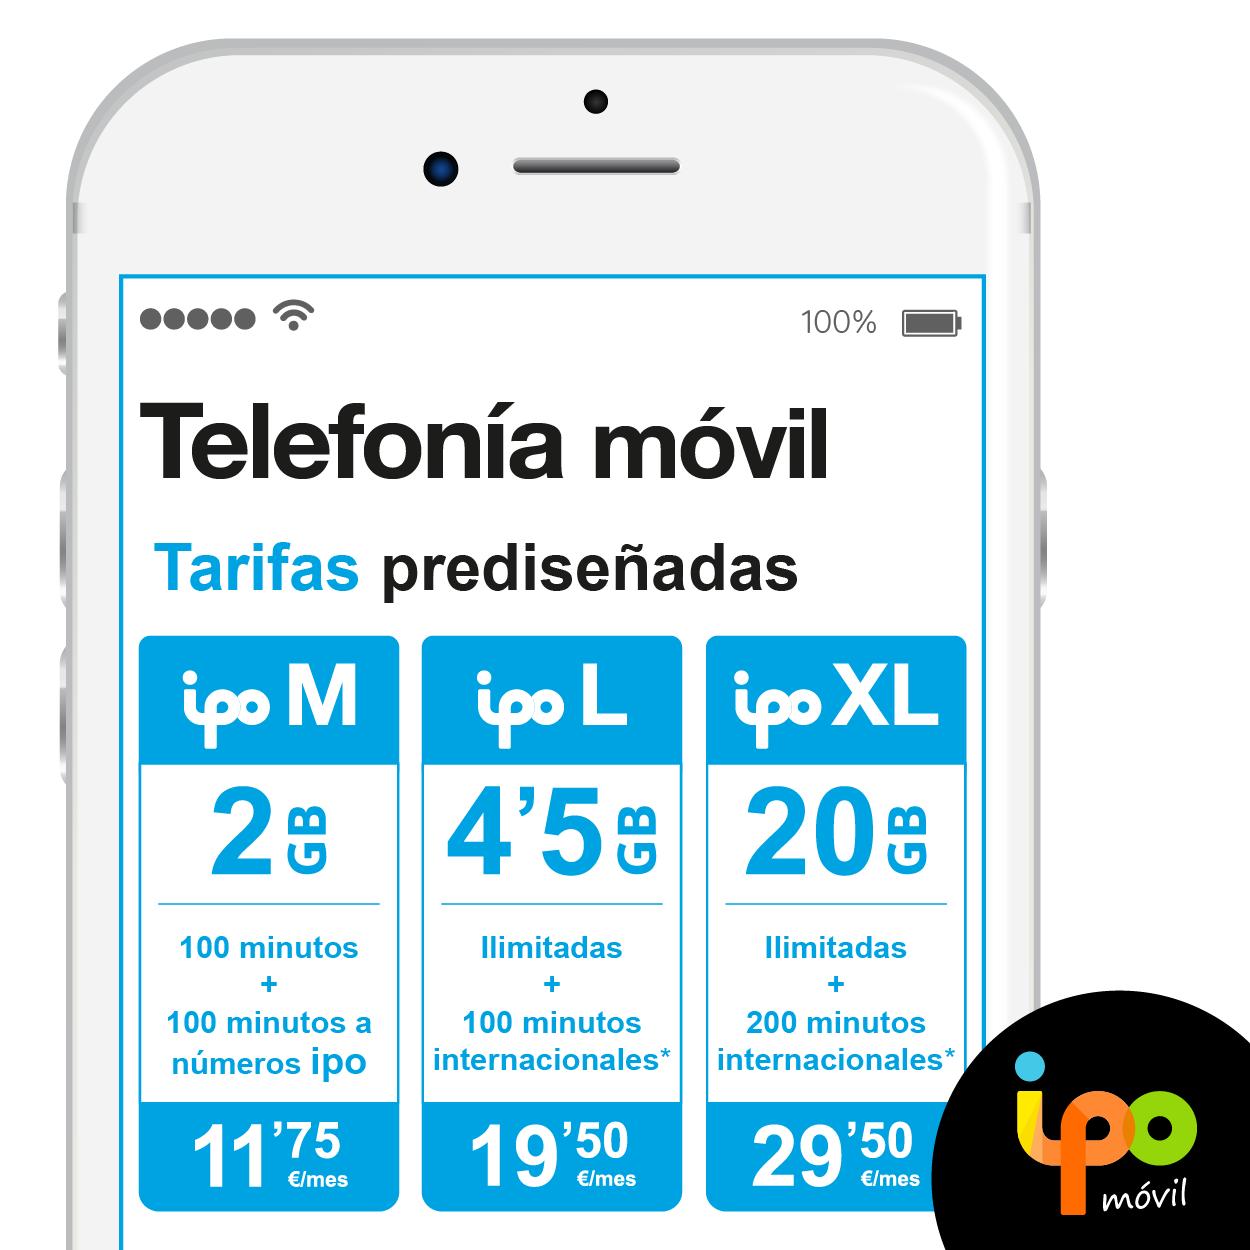 nuevas tarifas de ipo móvil